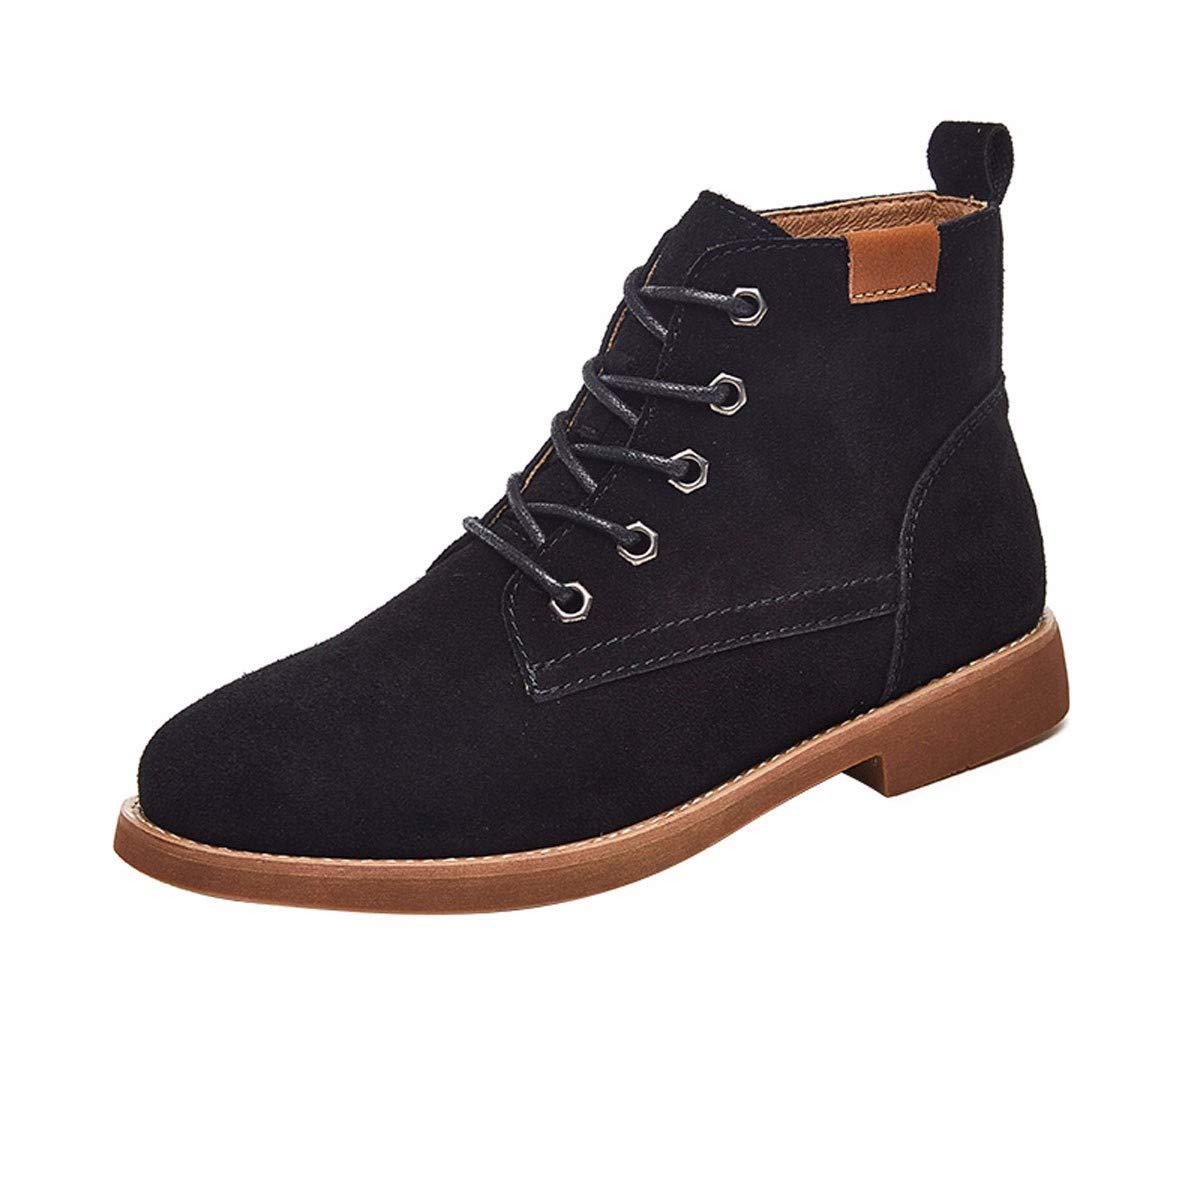 KPHY Damenschuhe/Leder Martin Stiefel Britischen Stil Frauen Schuhe Stiefel Vereiste Leder Schuhe.38 Schwarz